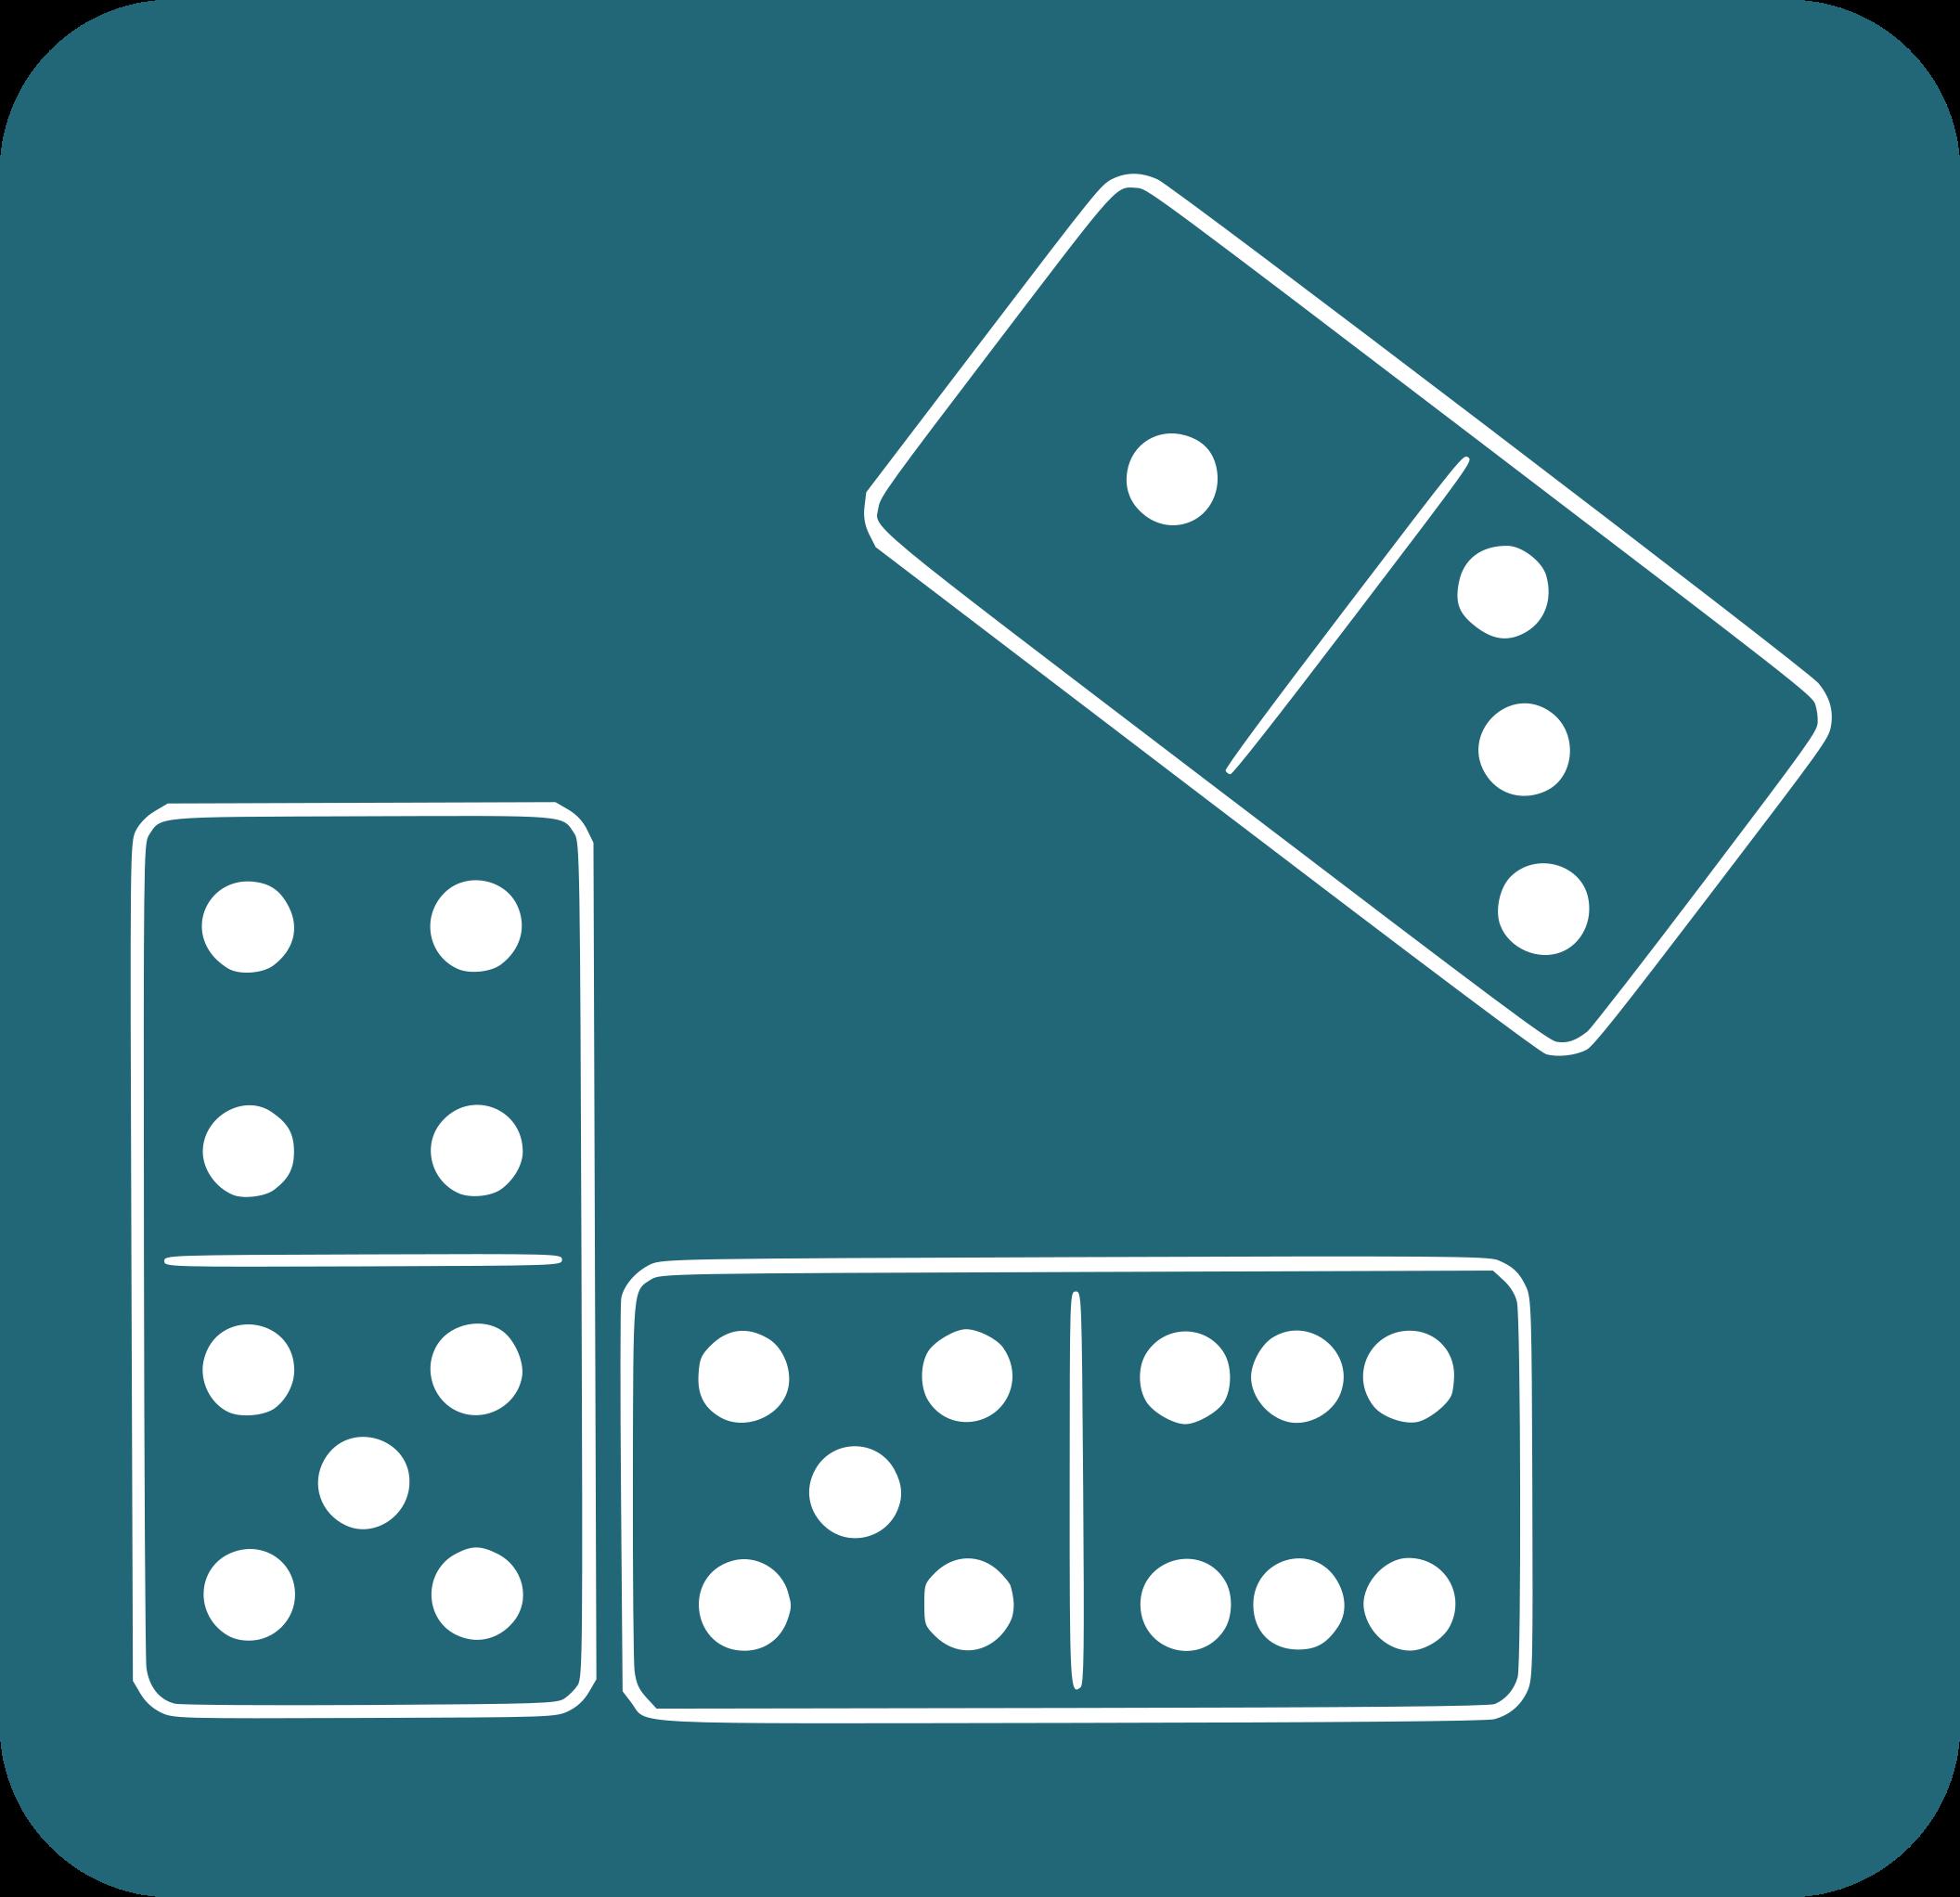 Fitxes del joc dominó